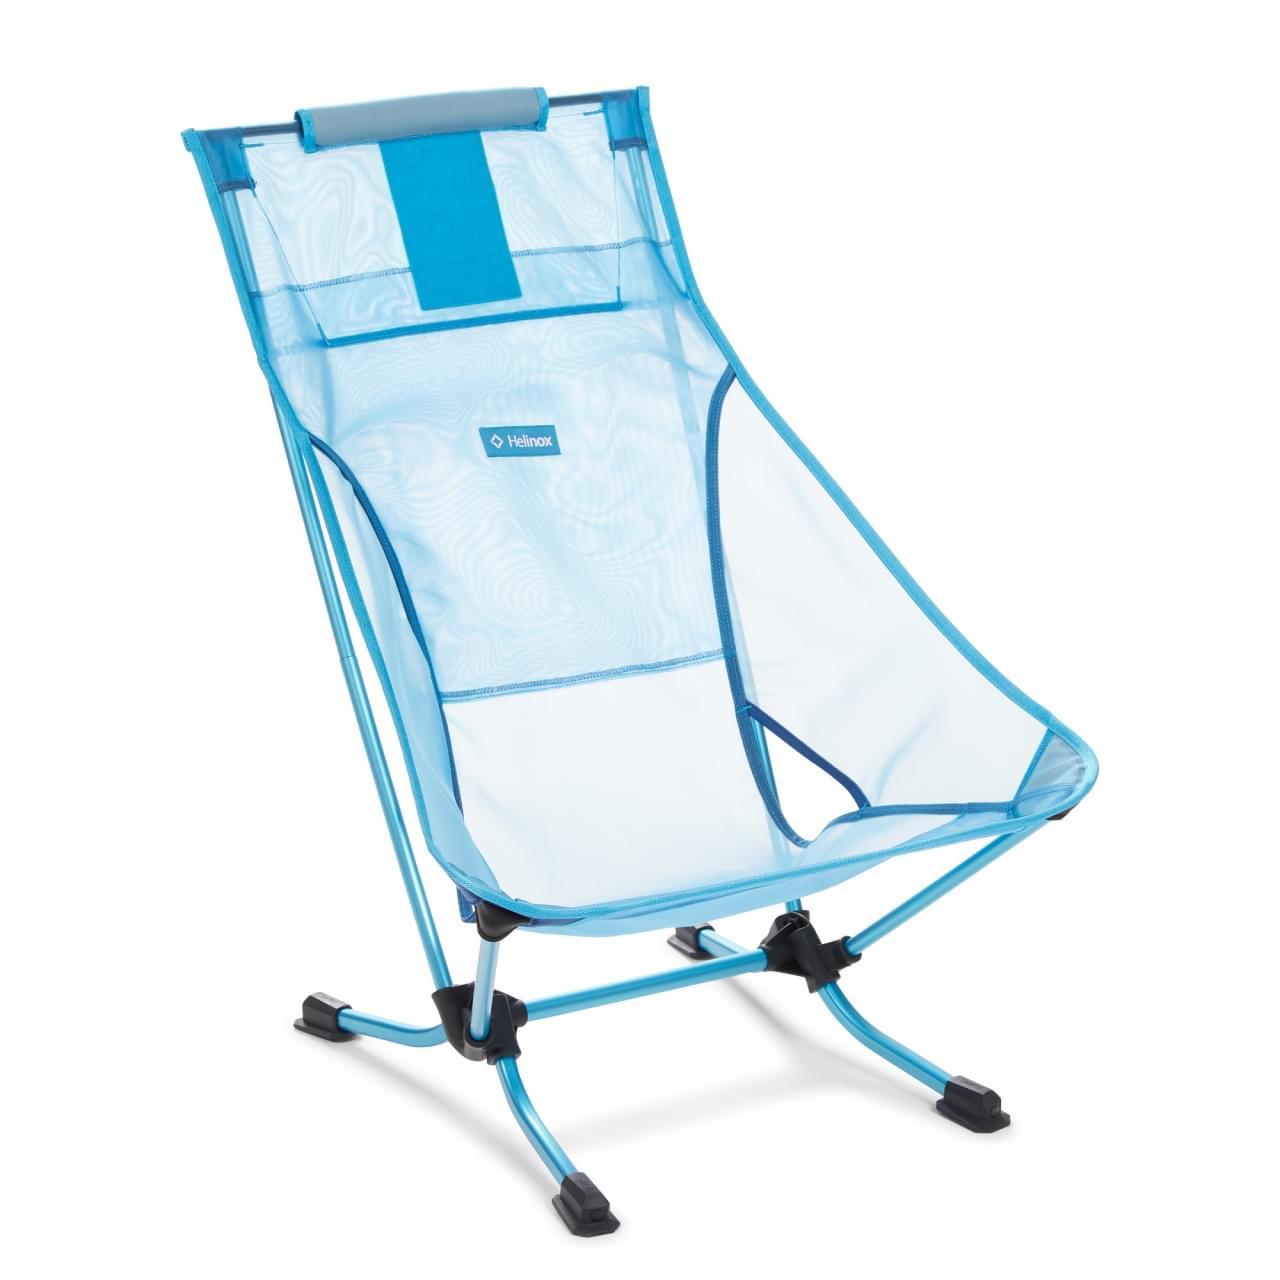 Helinox Beach Chair Mesh Lichtgewicht Stoel - Blauw